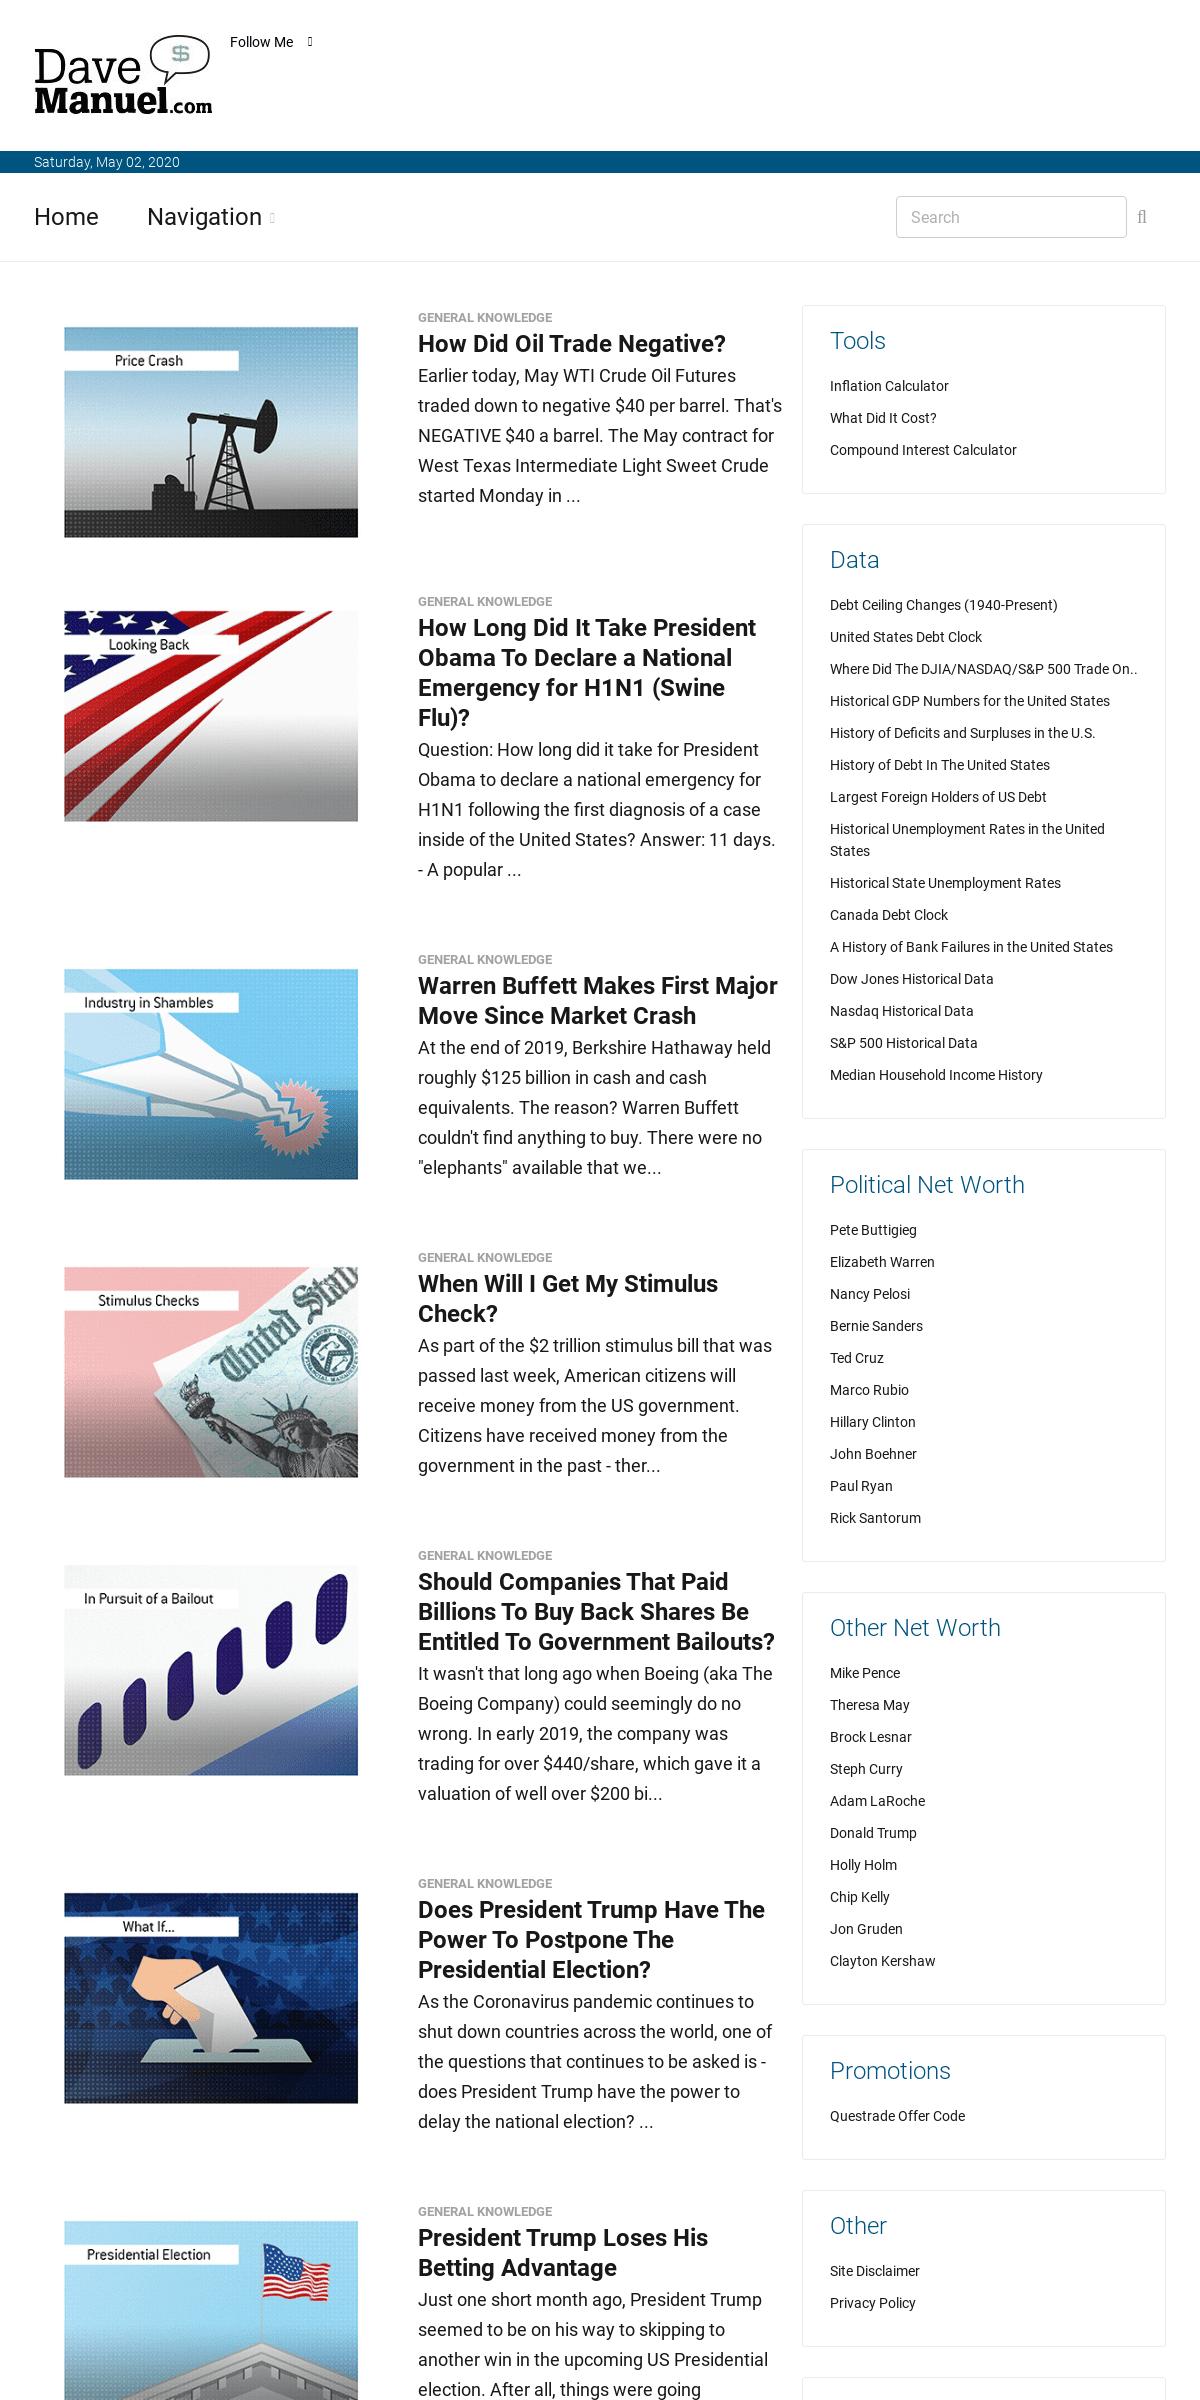 ArchiveBay.com - davemanuel.com - Dave Manuel - Economy, Stock Market and Real Estate News